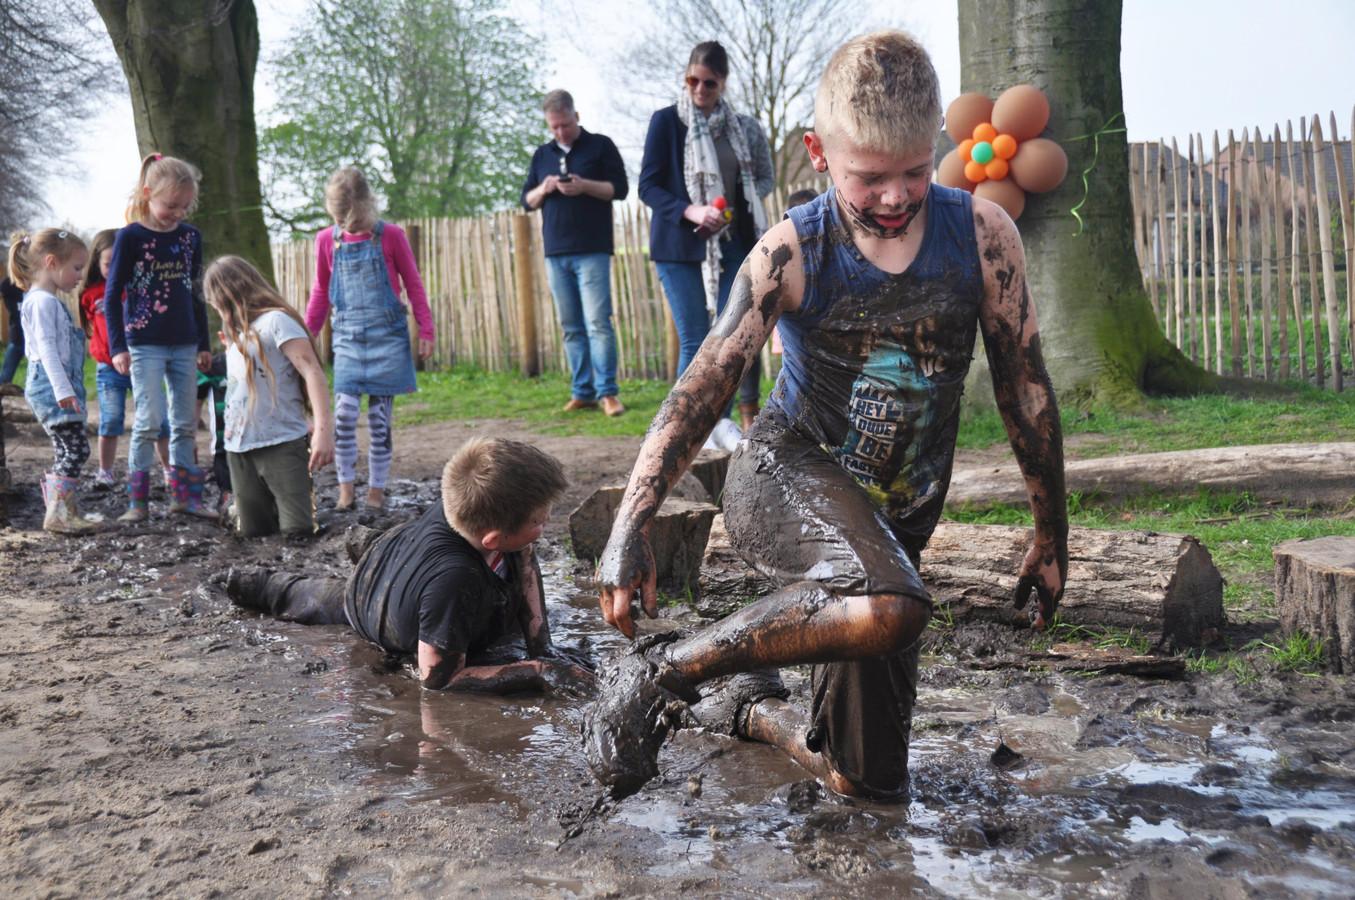 Onder grote belangstelling werd zaterdagmiddag de Natuurspeeltuin in Waspik geopend die voortaan door het leven gaat als Het Klauterwoud.